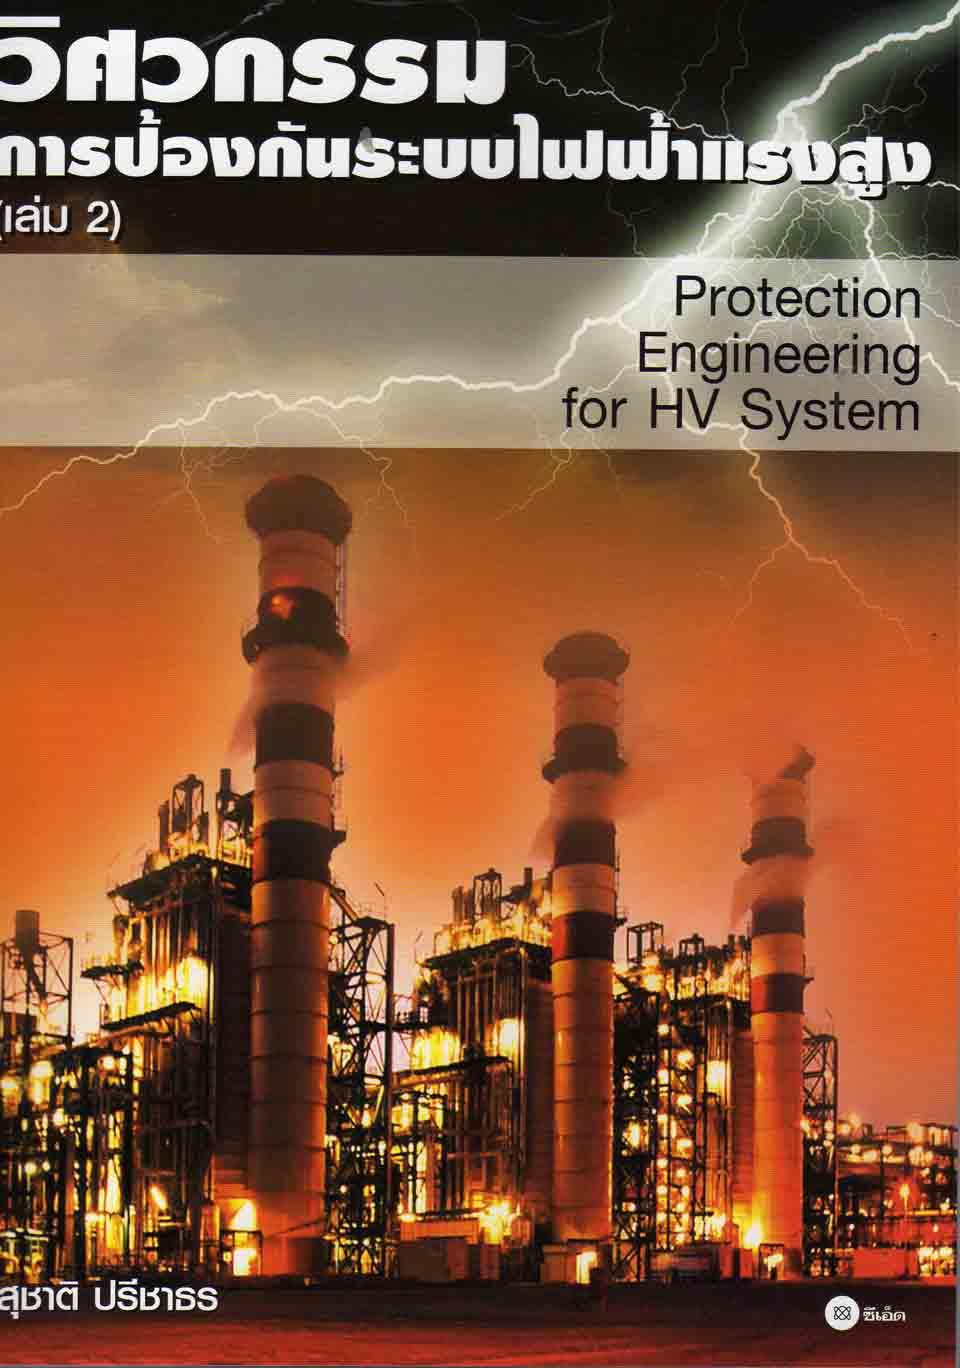 วิศวกรรมการป้องกันระบบไฟฟ้าแรงสูง 2